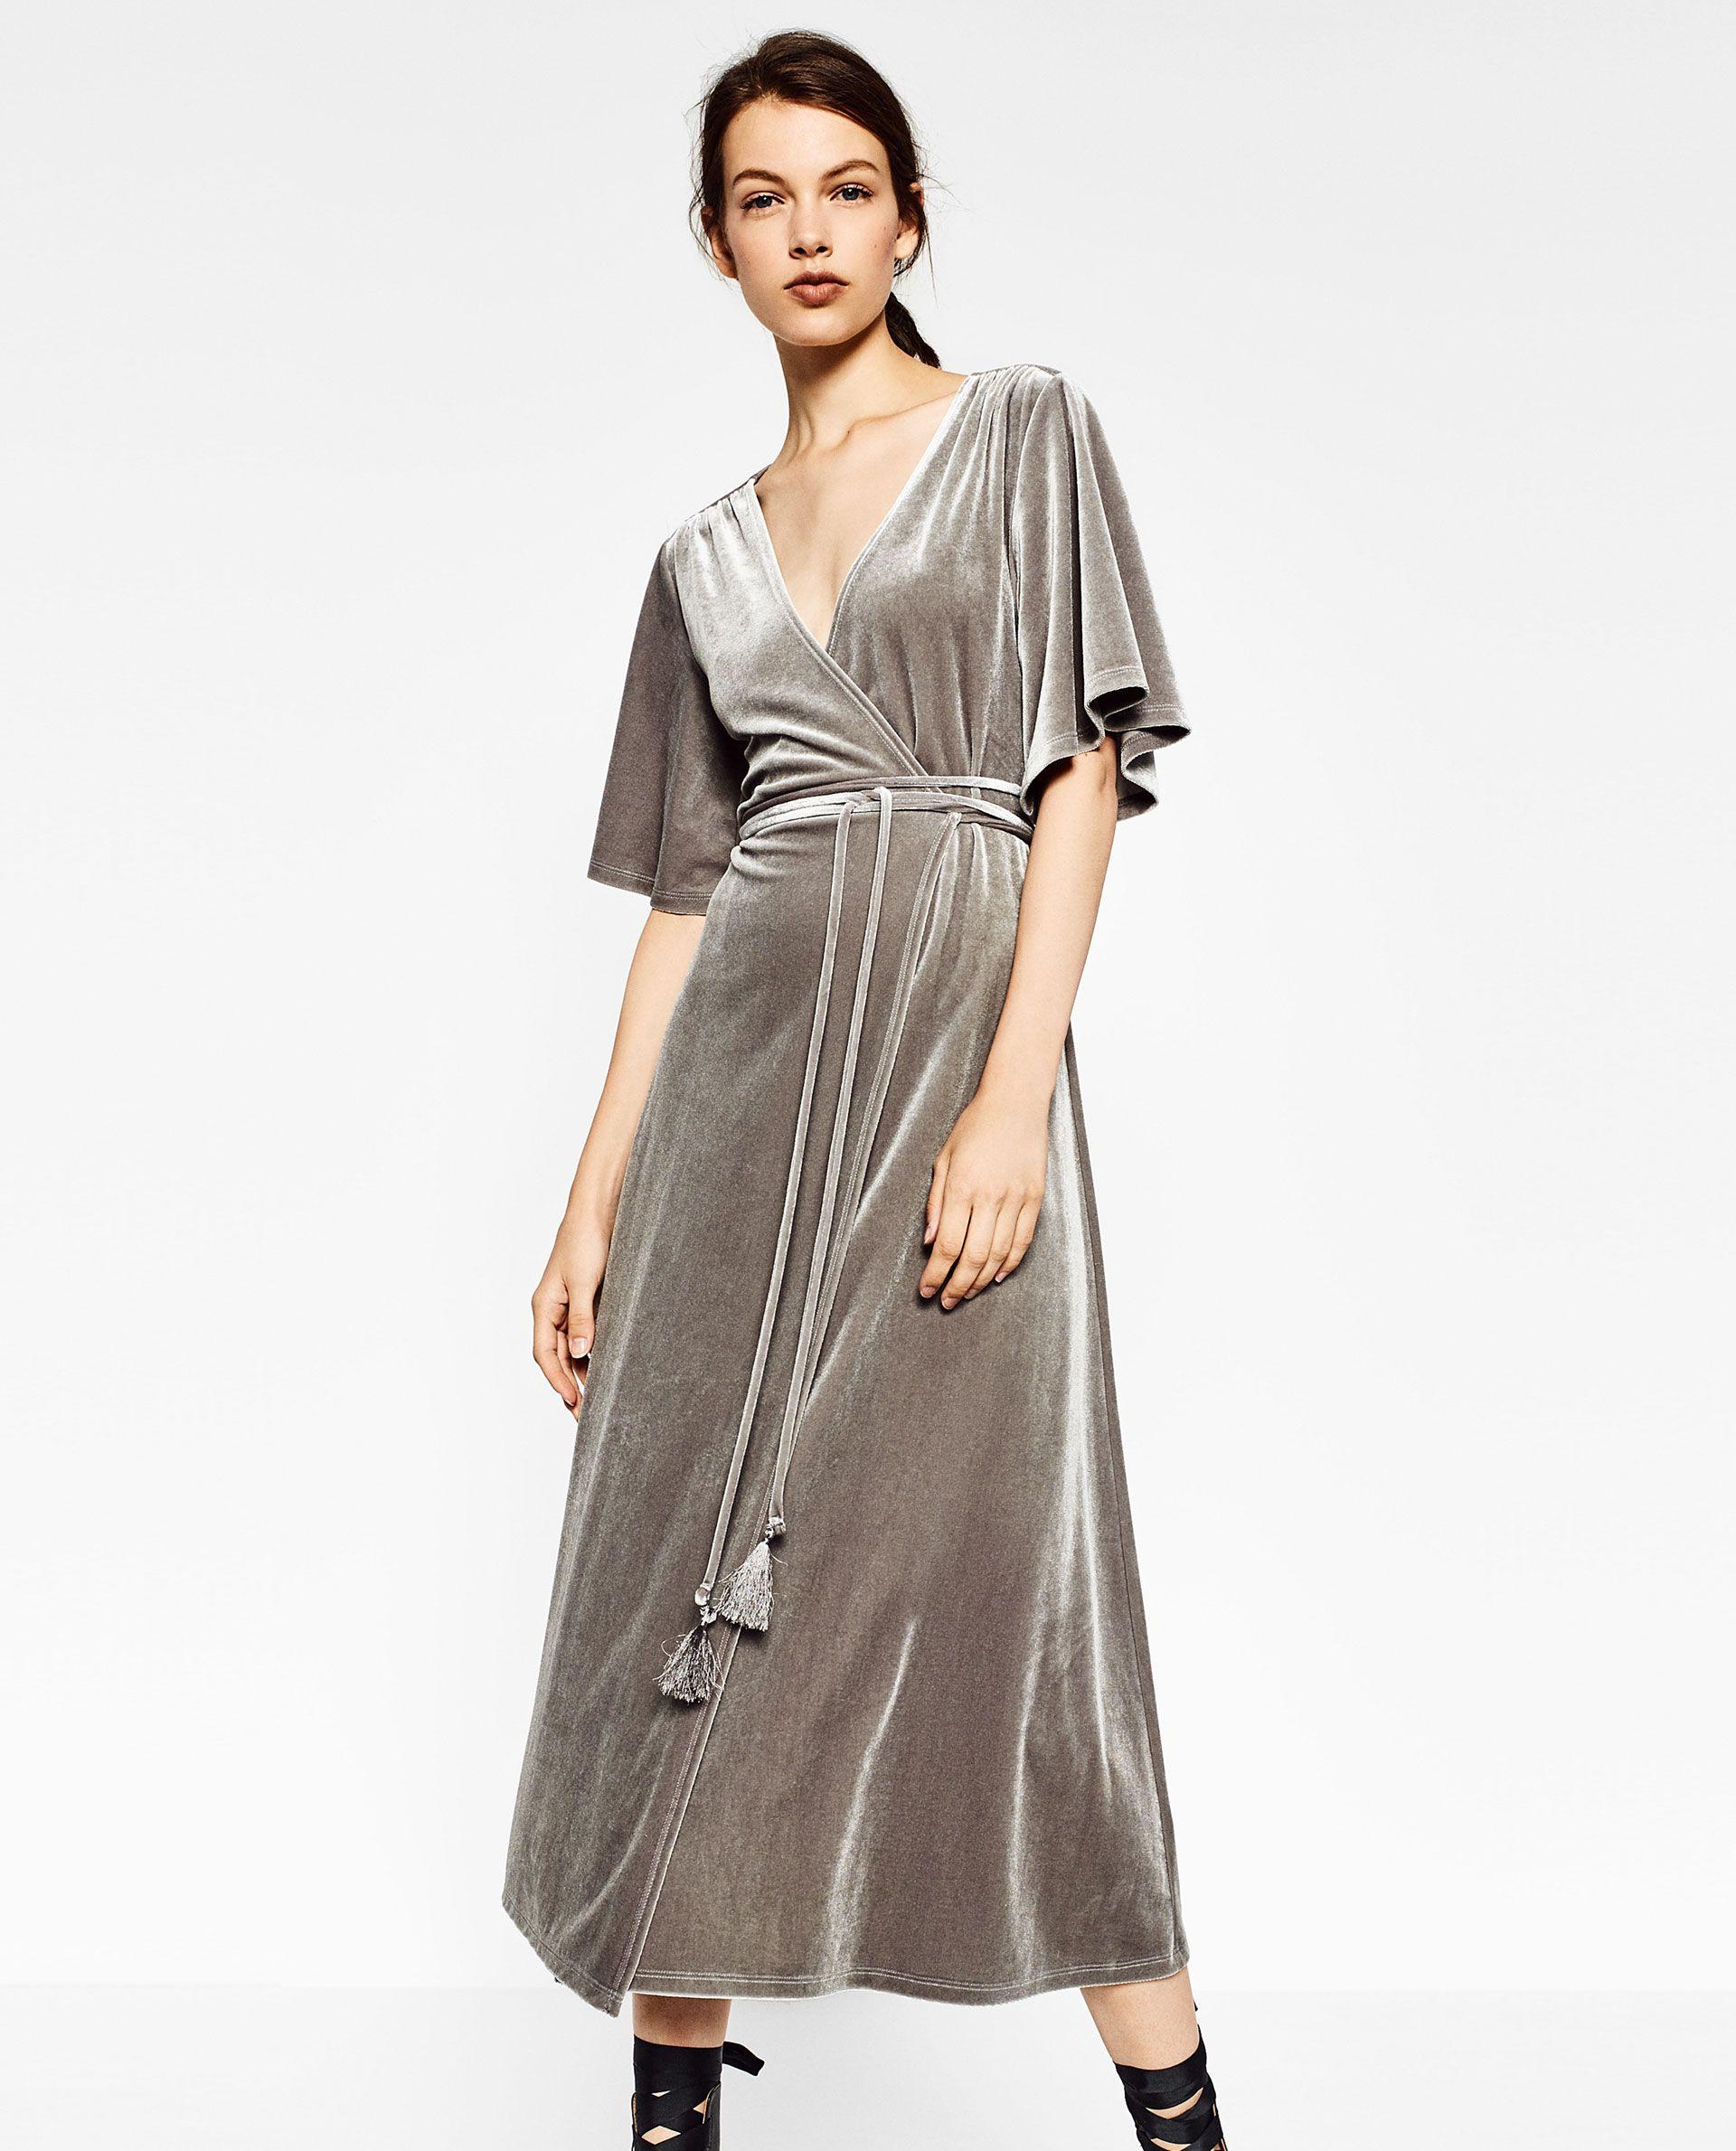 20 Einzigartig Zara Abend Kleider Stylish20 Perfekt Zara Abend Kleider für 2019